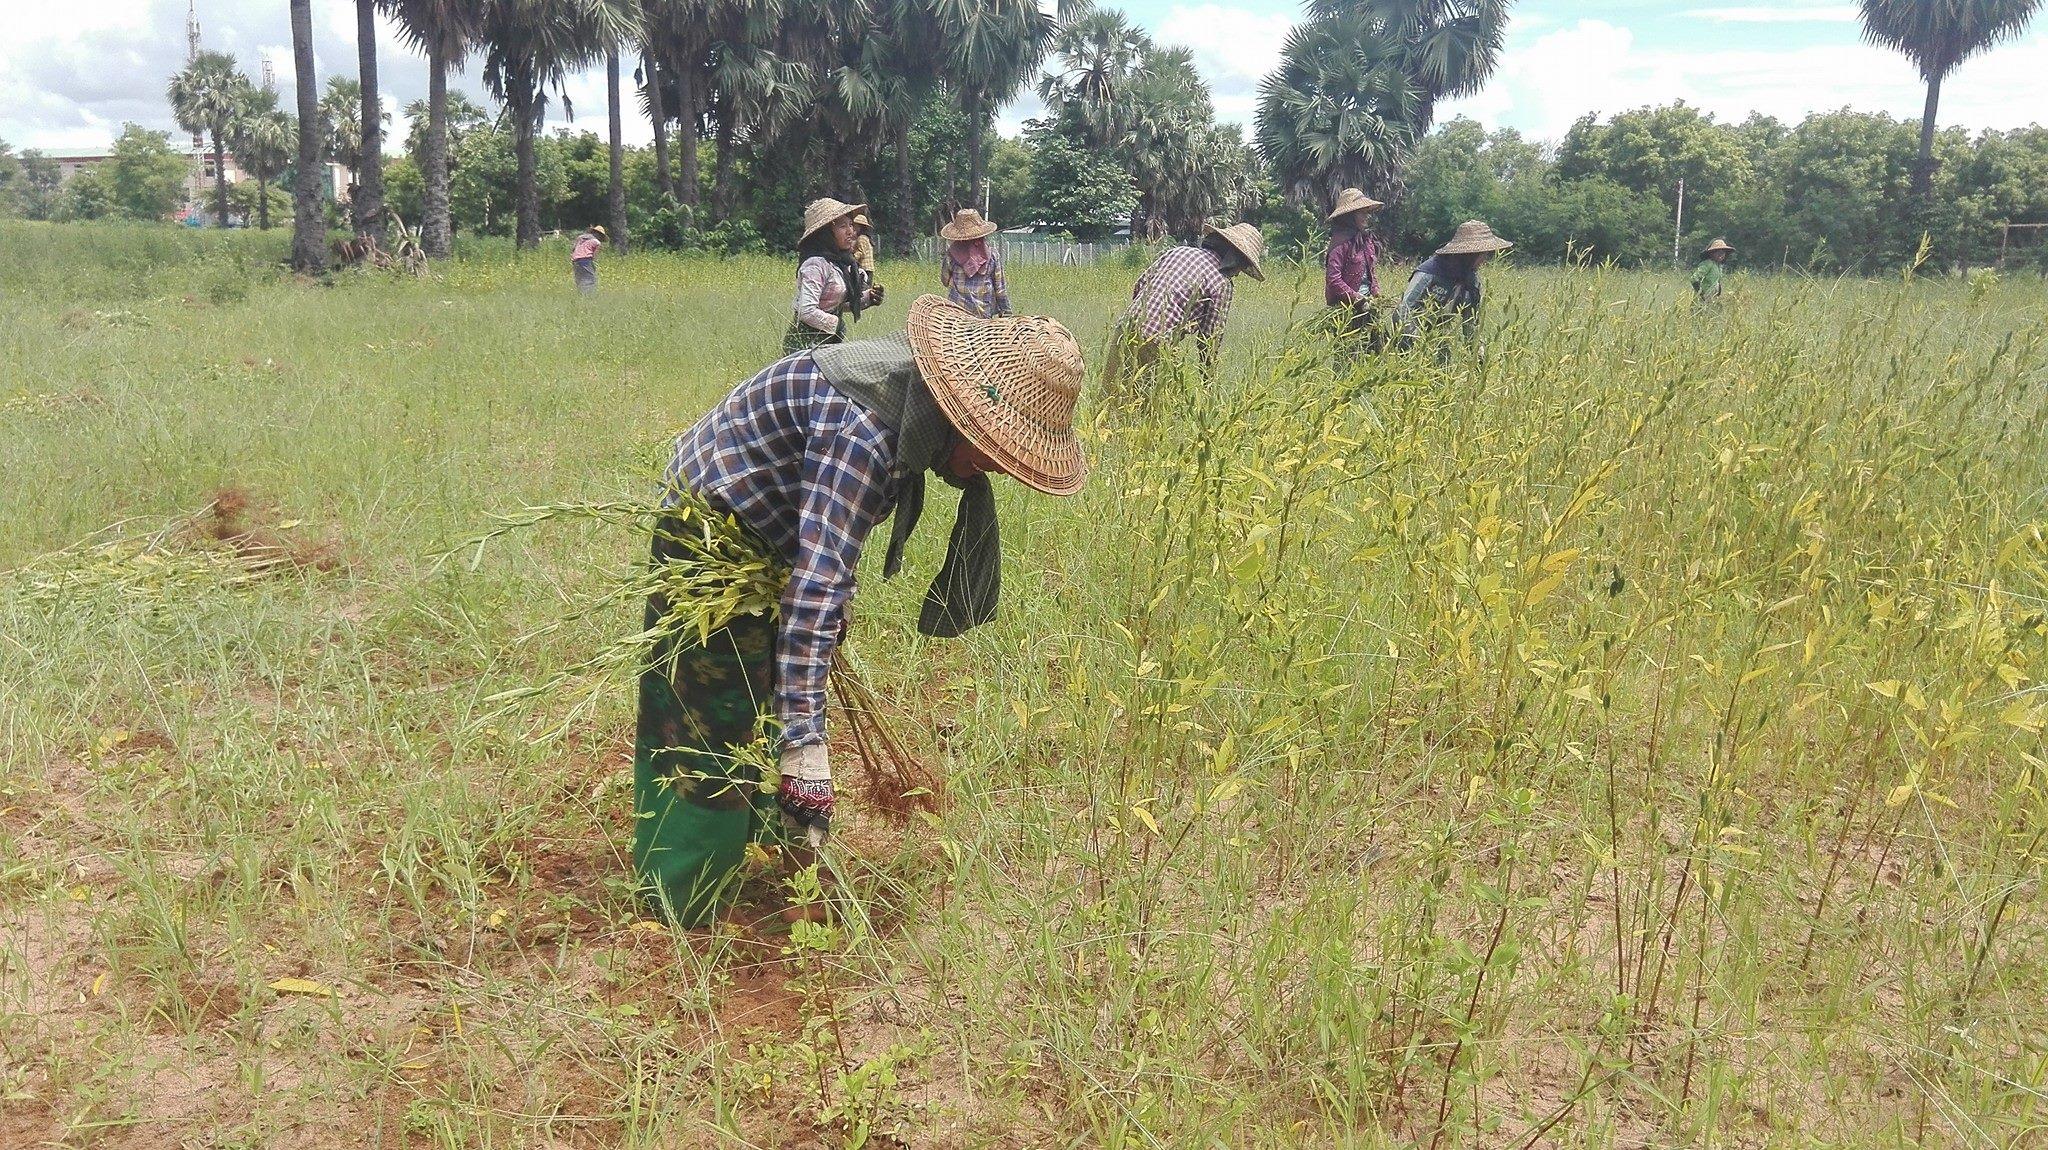 အပူပိုင်းဇုန်မှ တောင်သူအတွက် ရာသီဥတု ဖောက်ပြန်မှုများကို ကာကွယ်နိုင်ရန် ပြင်ဆင်မှုများ လုပ်ဆောင်သွားမည်